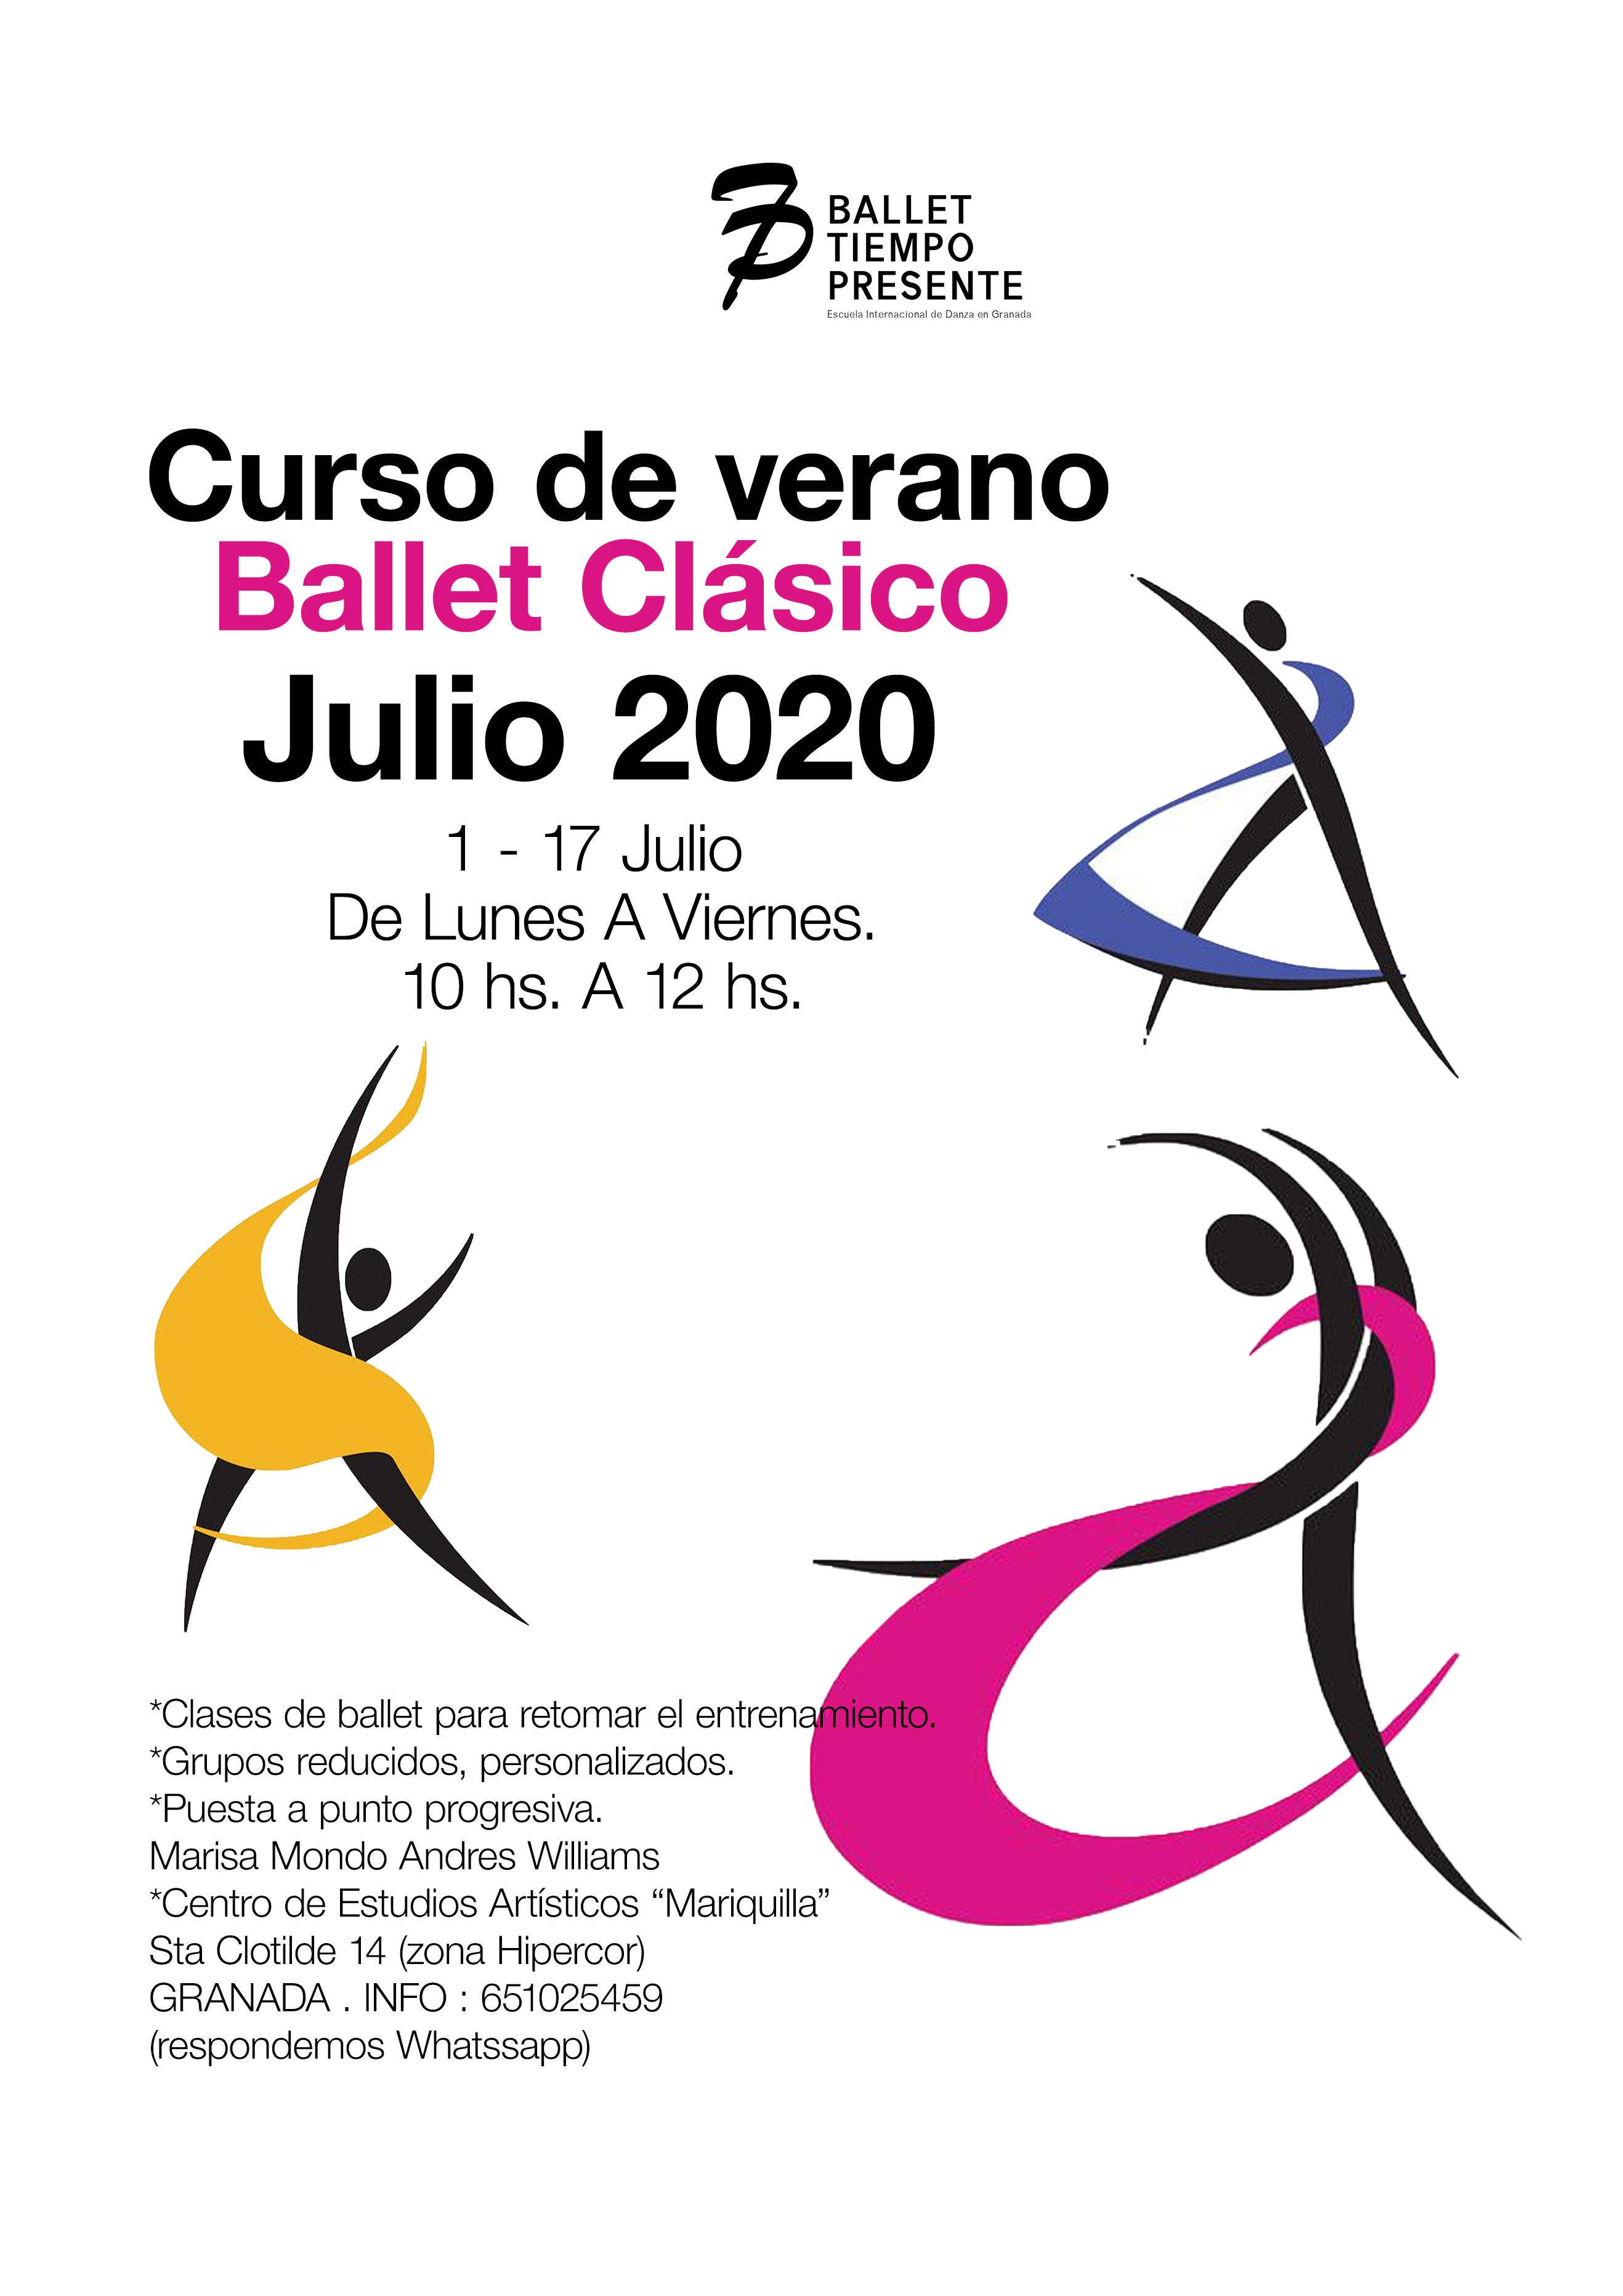 Retoma tus clases de ballet en nuestra Academia este verano 2020